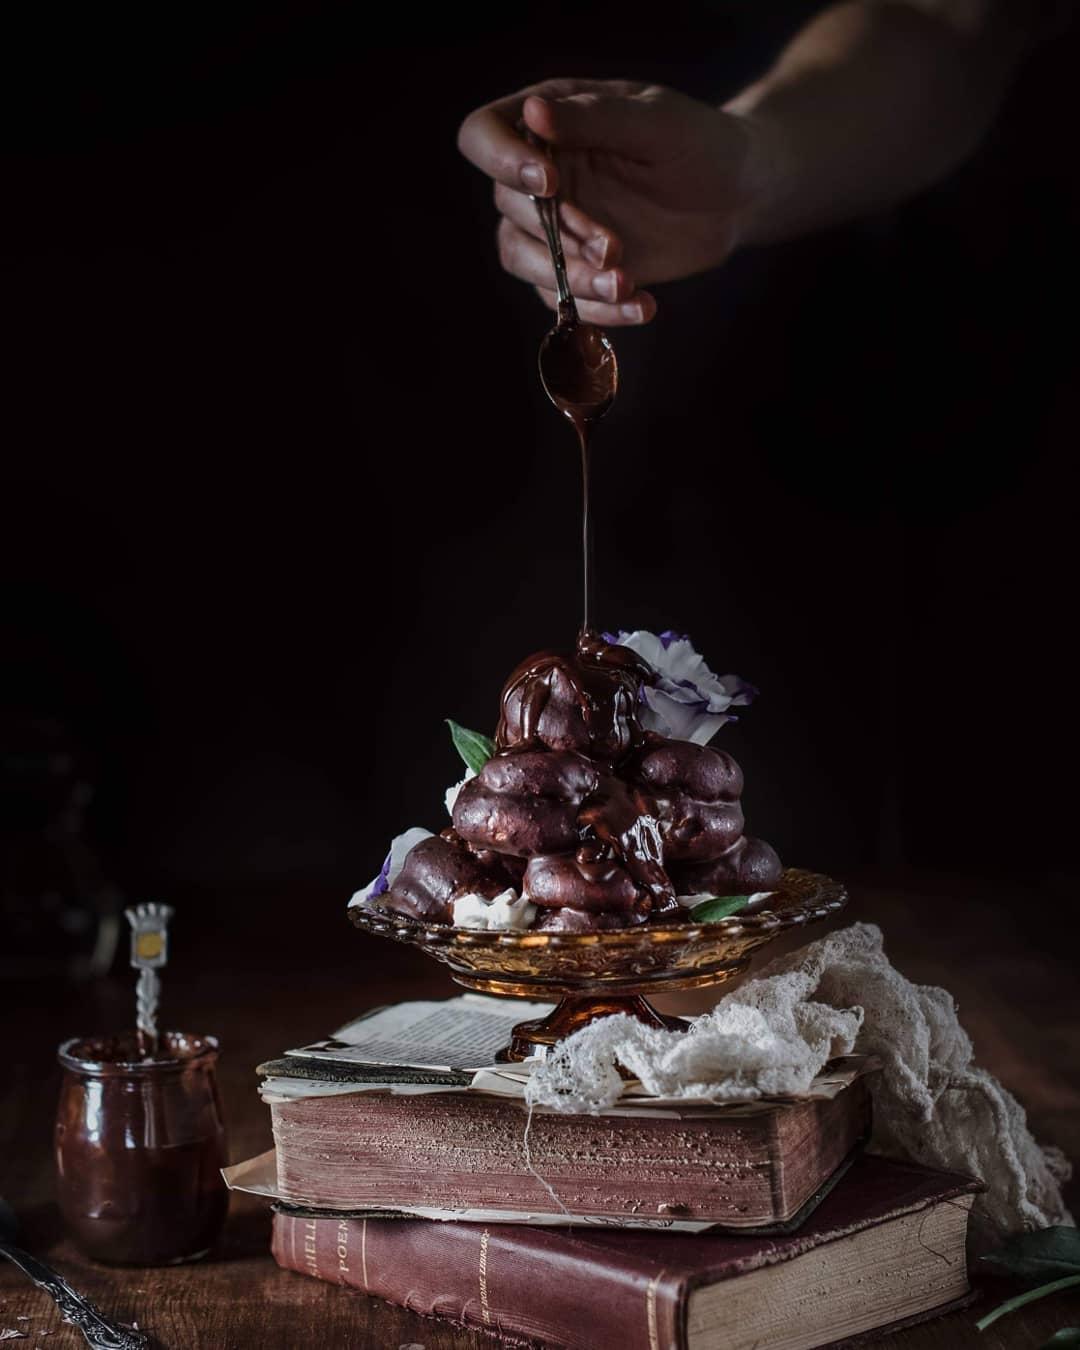 Аппетитные фотографии еды от Дианы Орга